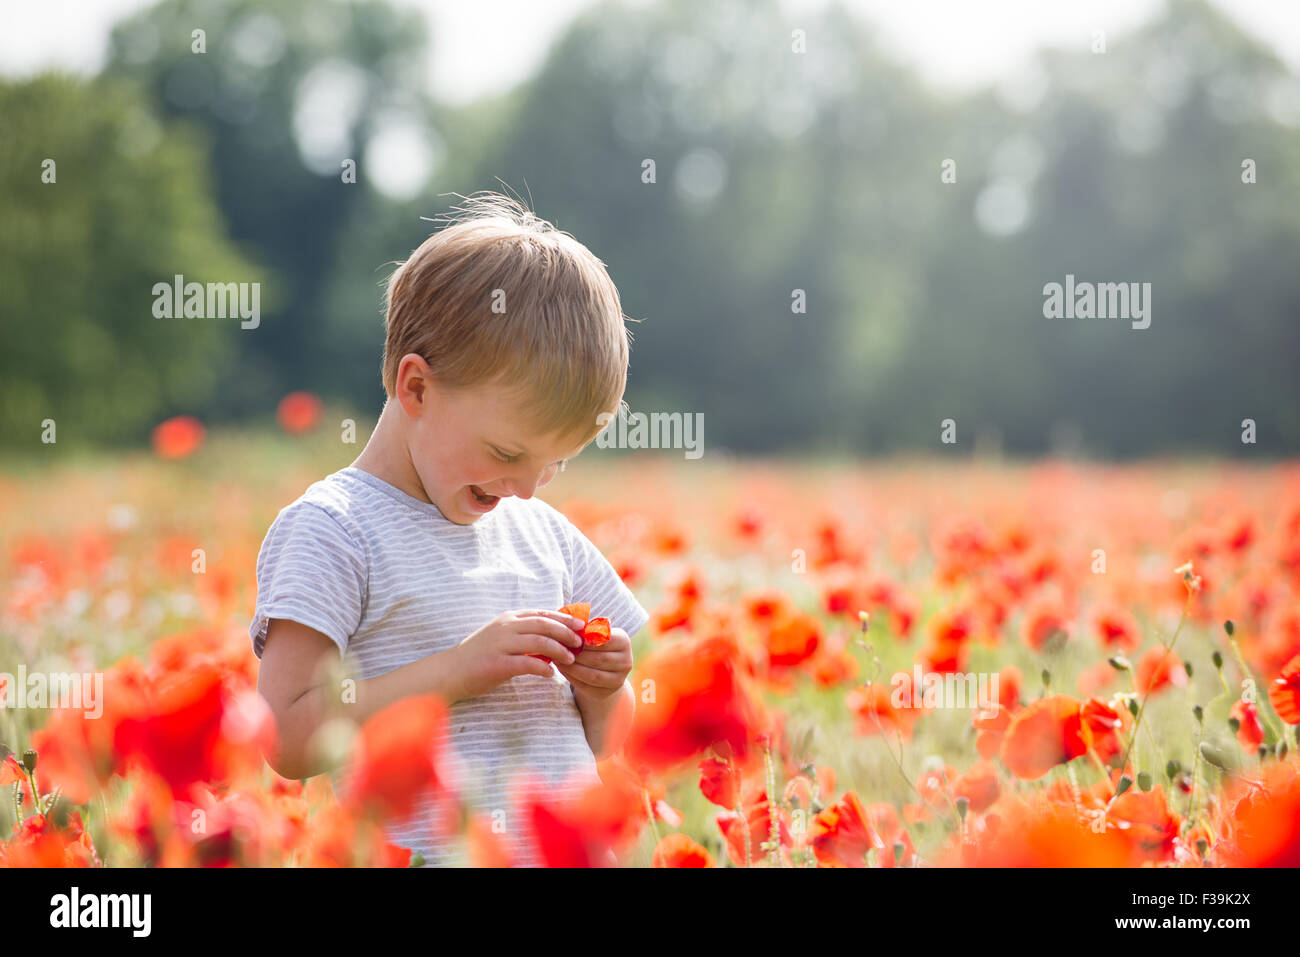 Lächelnde junge stehend in einem Mohnfeld Stockbild